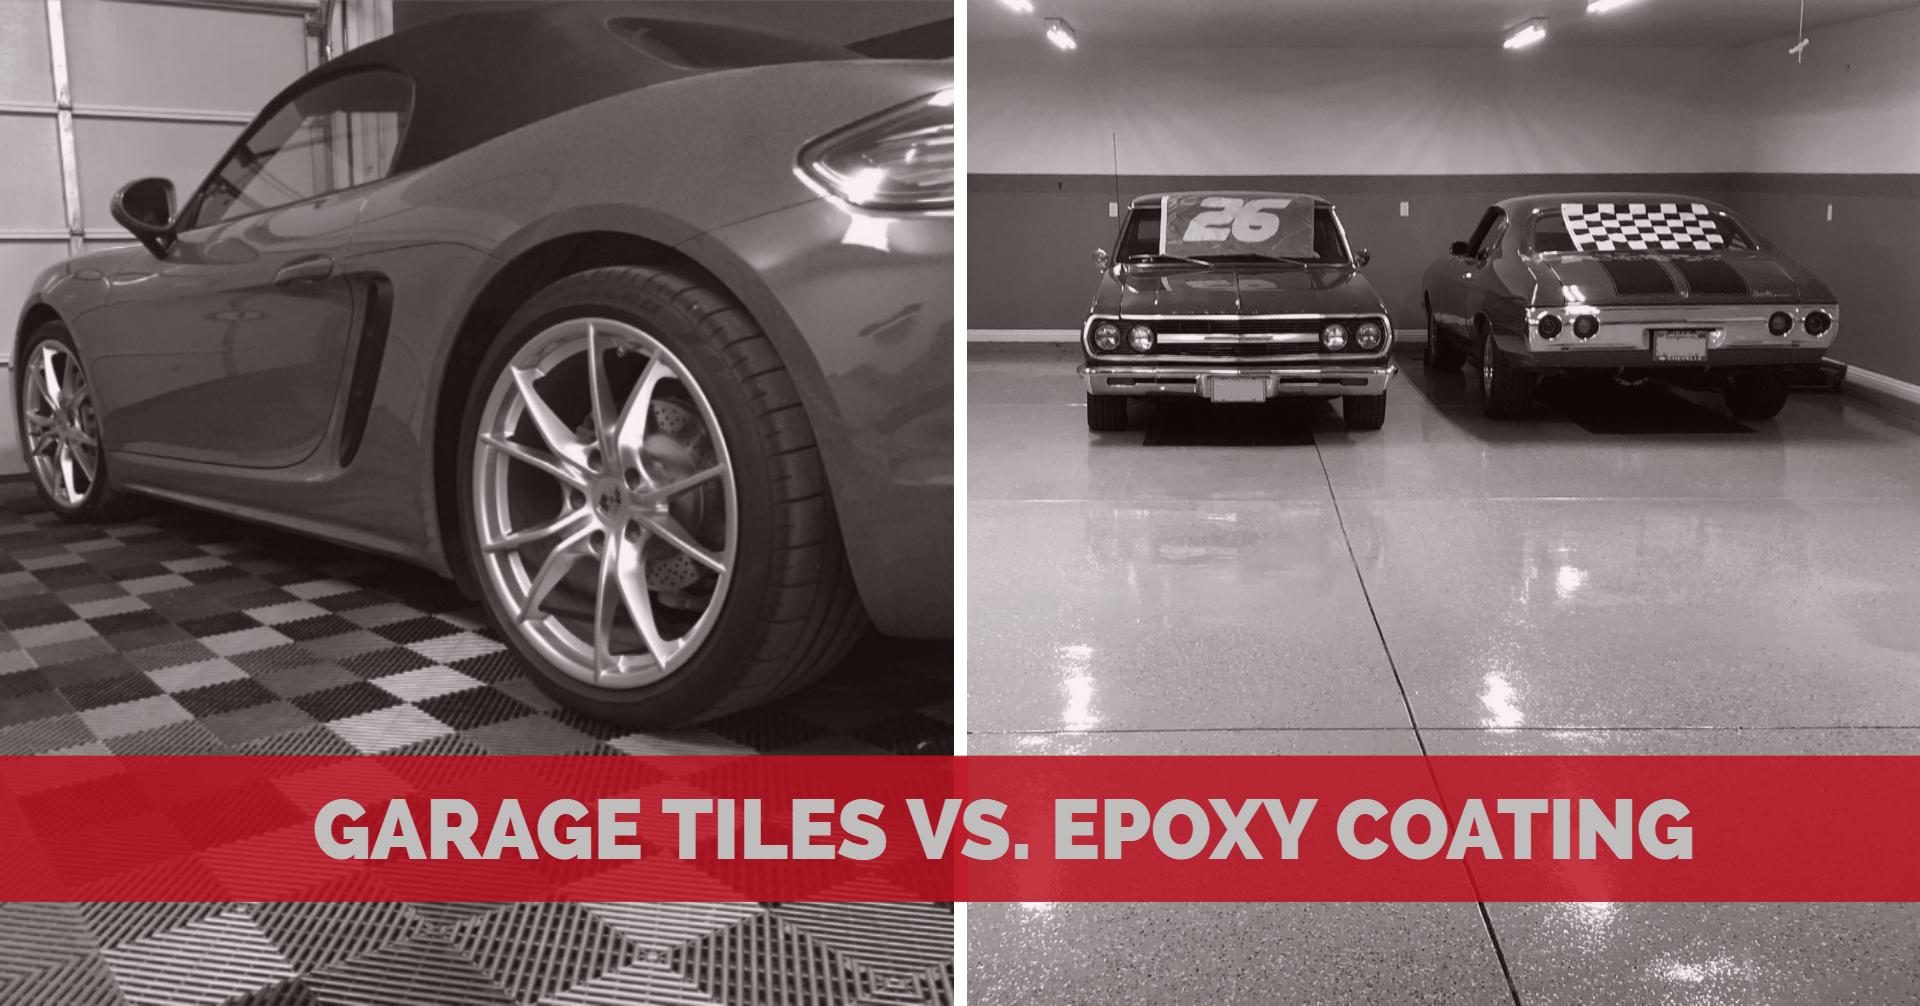 garage tiles vs epoxy coating which